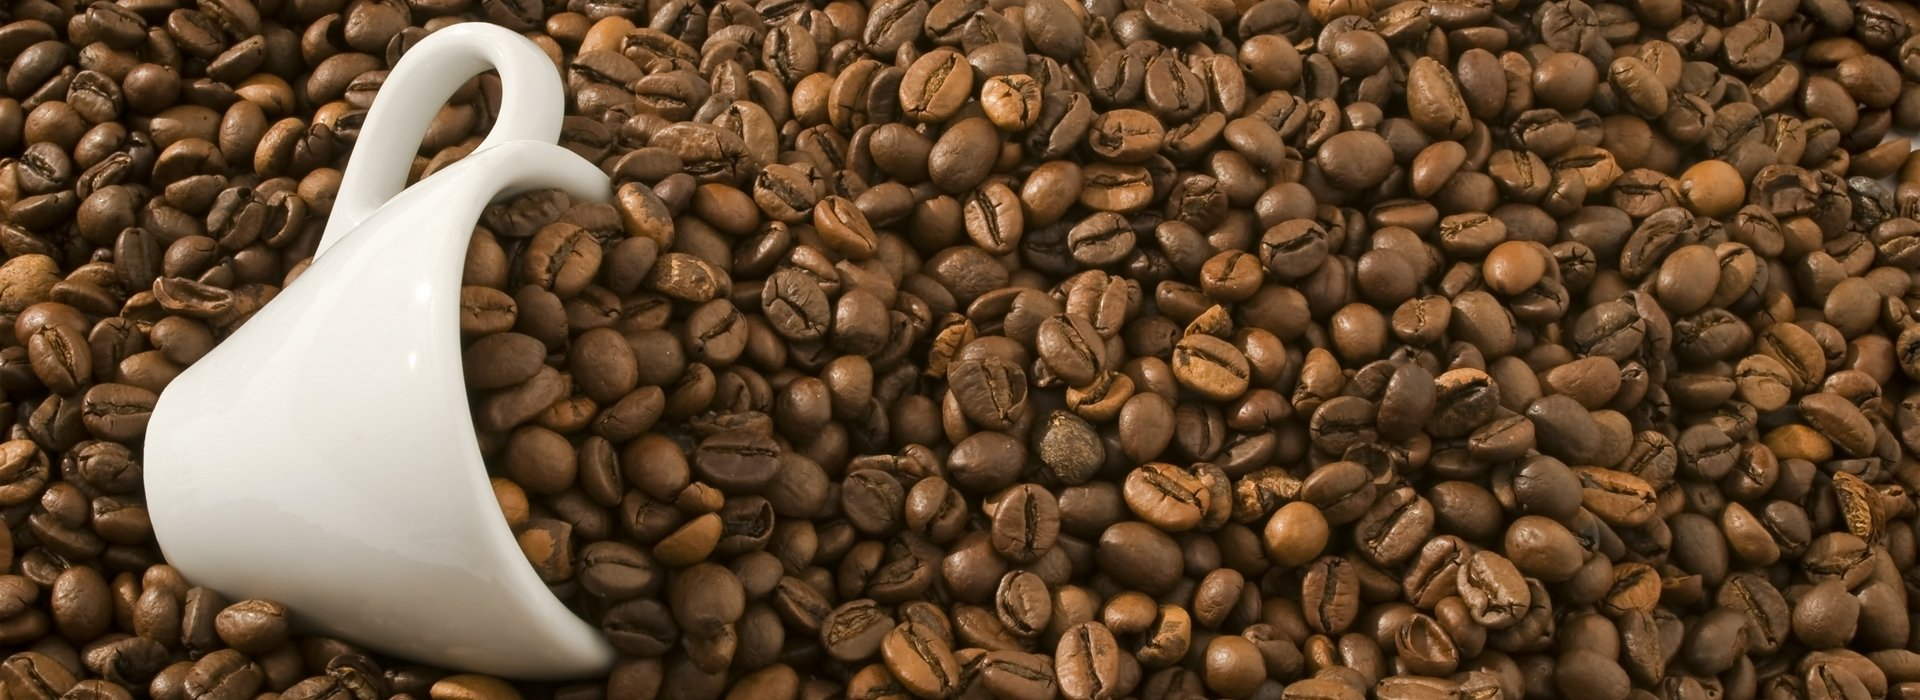 Budapesti Kávéházak és Cukrászdák – Kávézók és Cukrászdák Budapesten